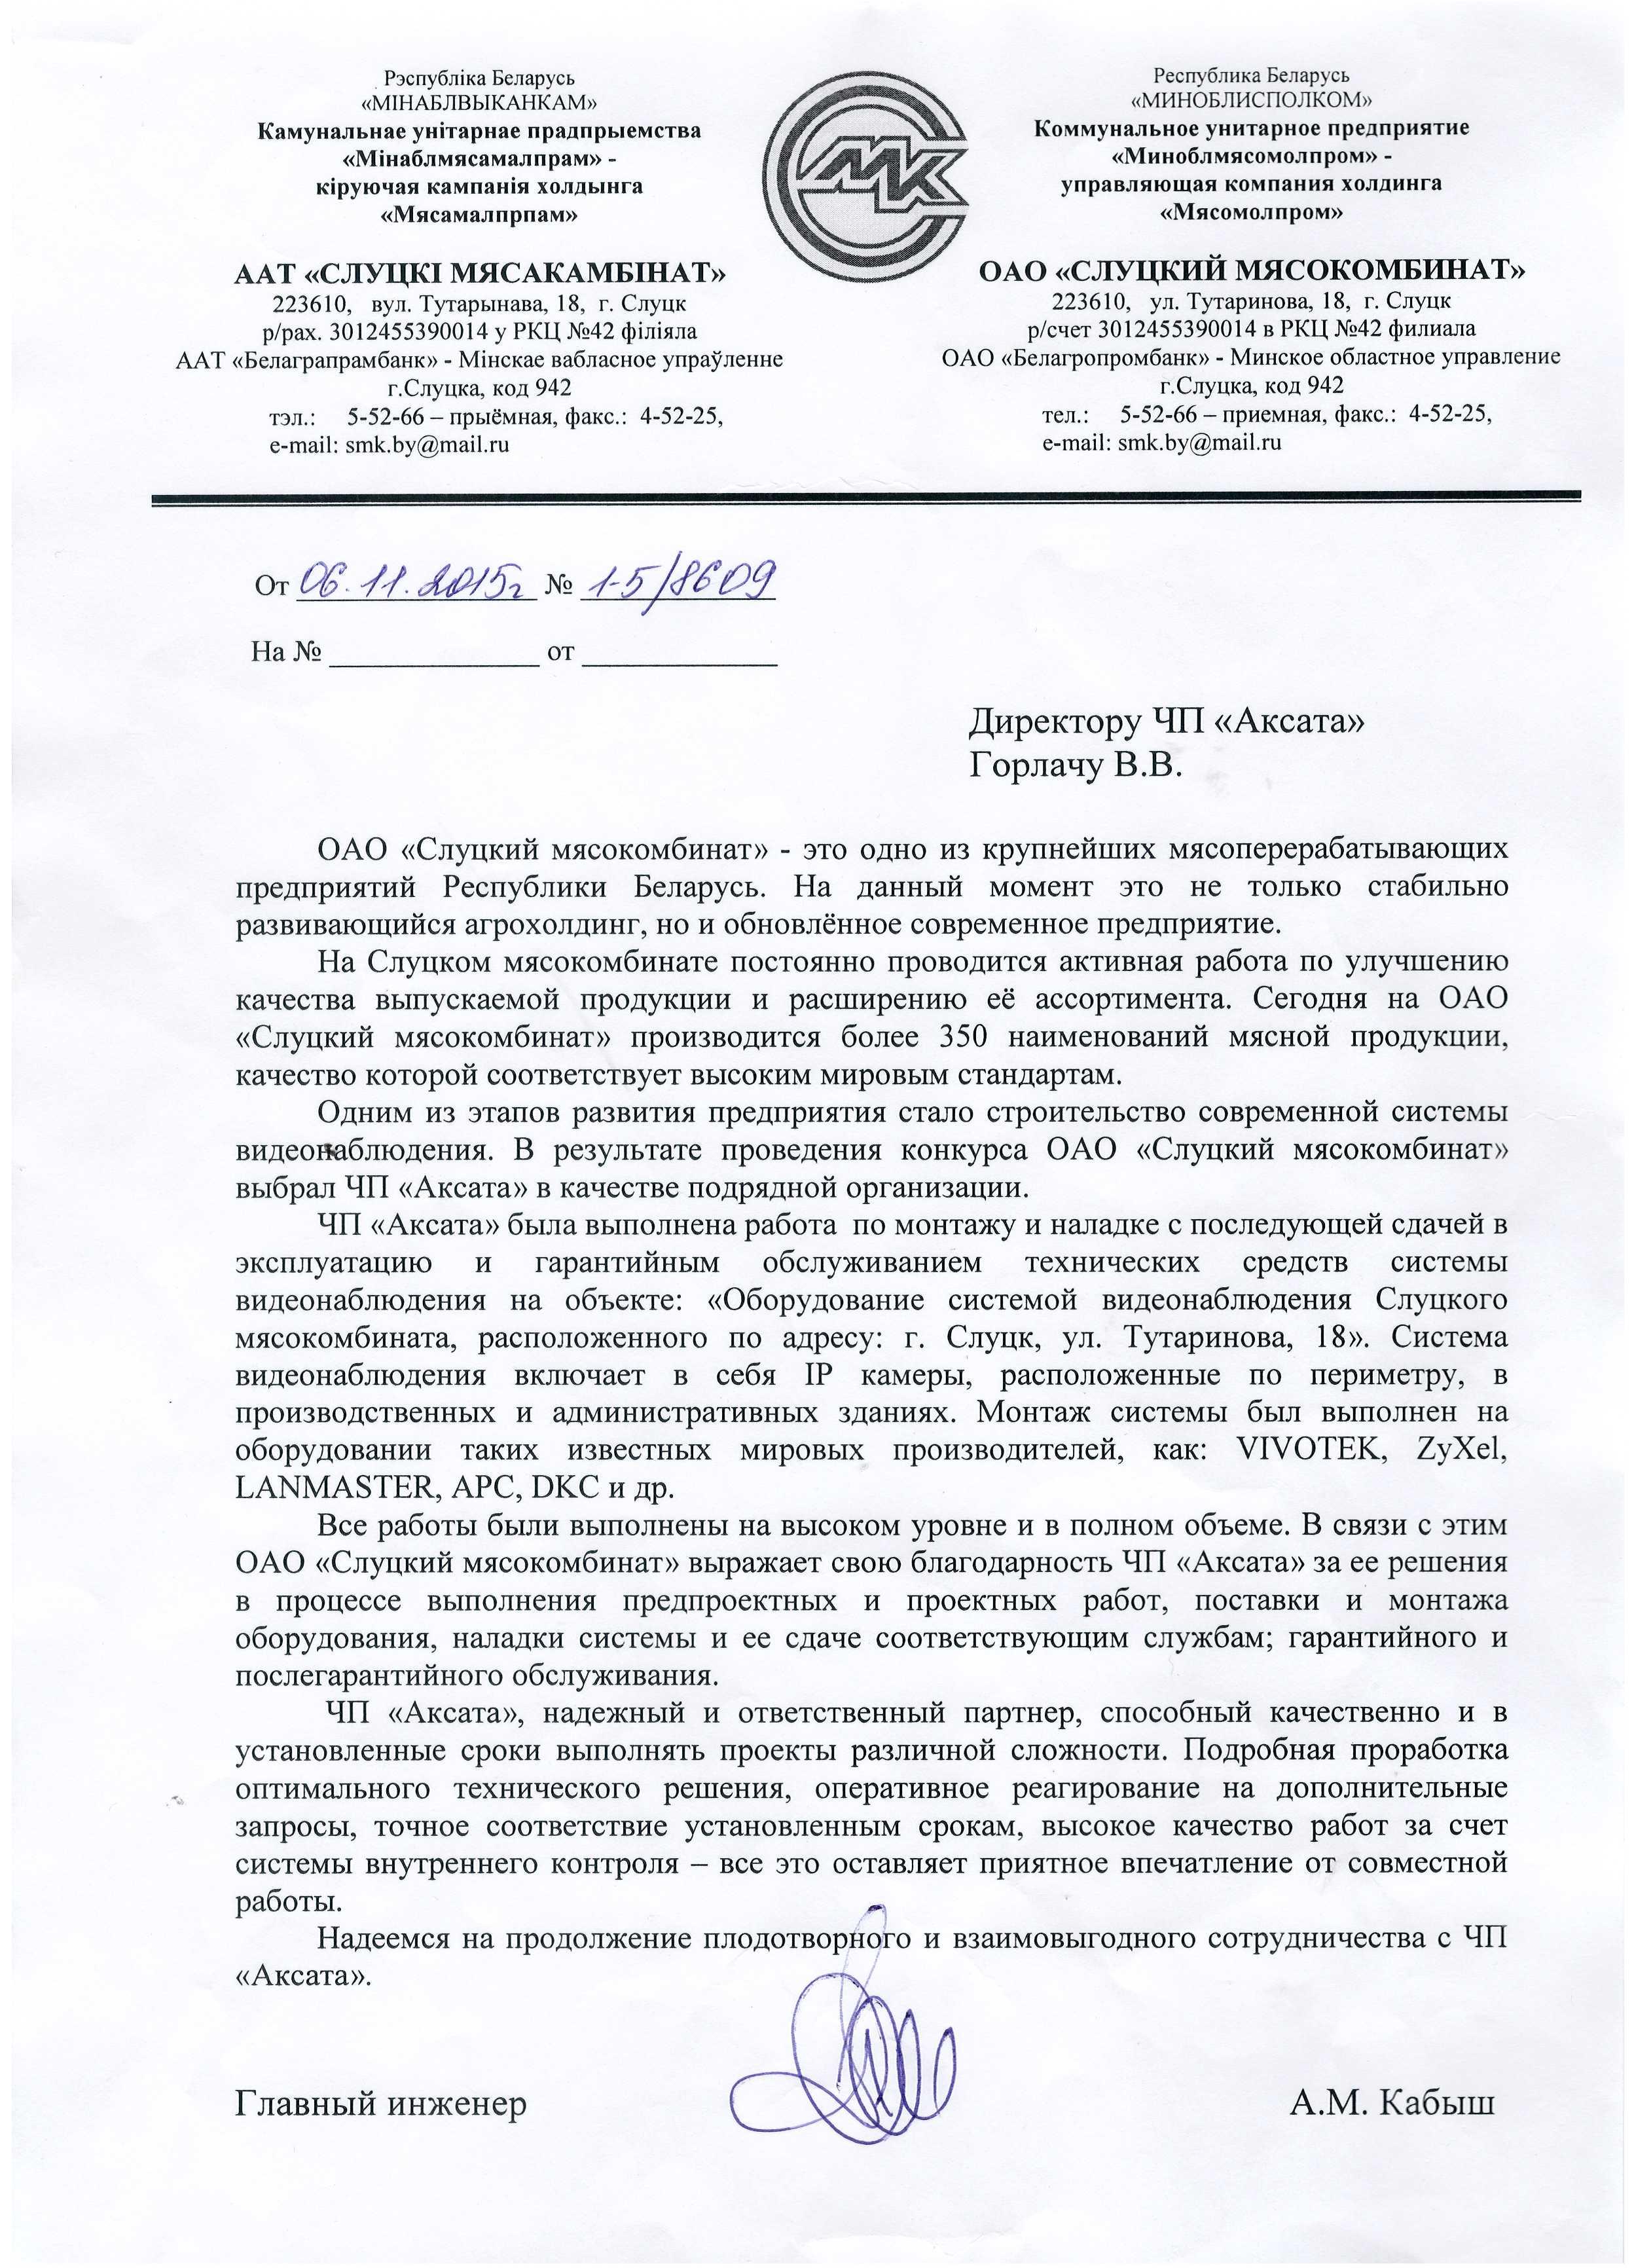 Отзыв видеонаблюдения ОАО «Слуцкий мясокомбинат»